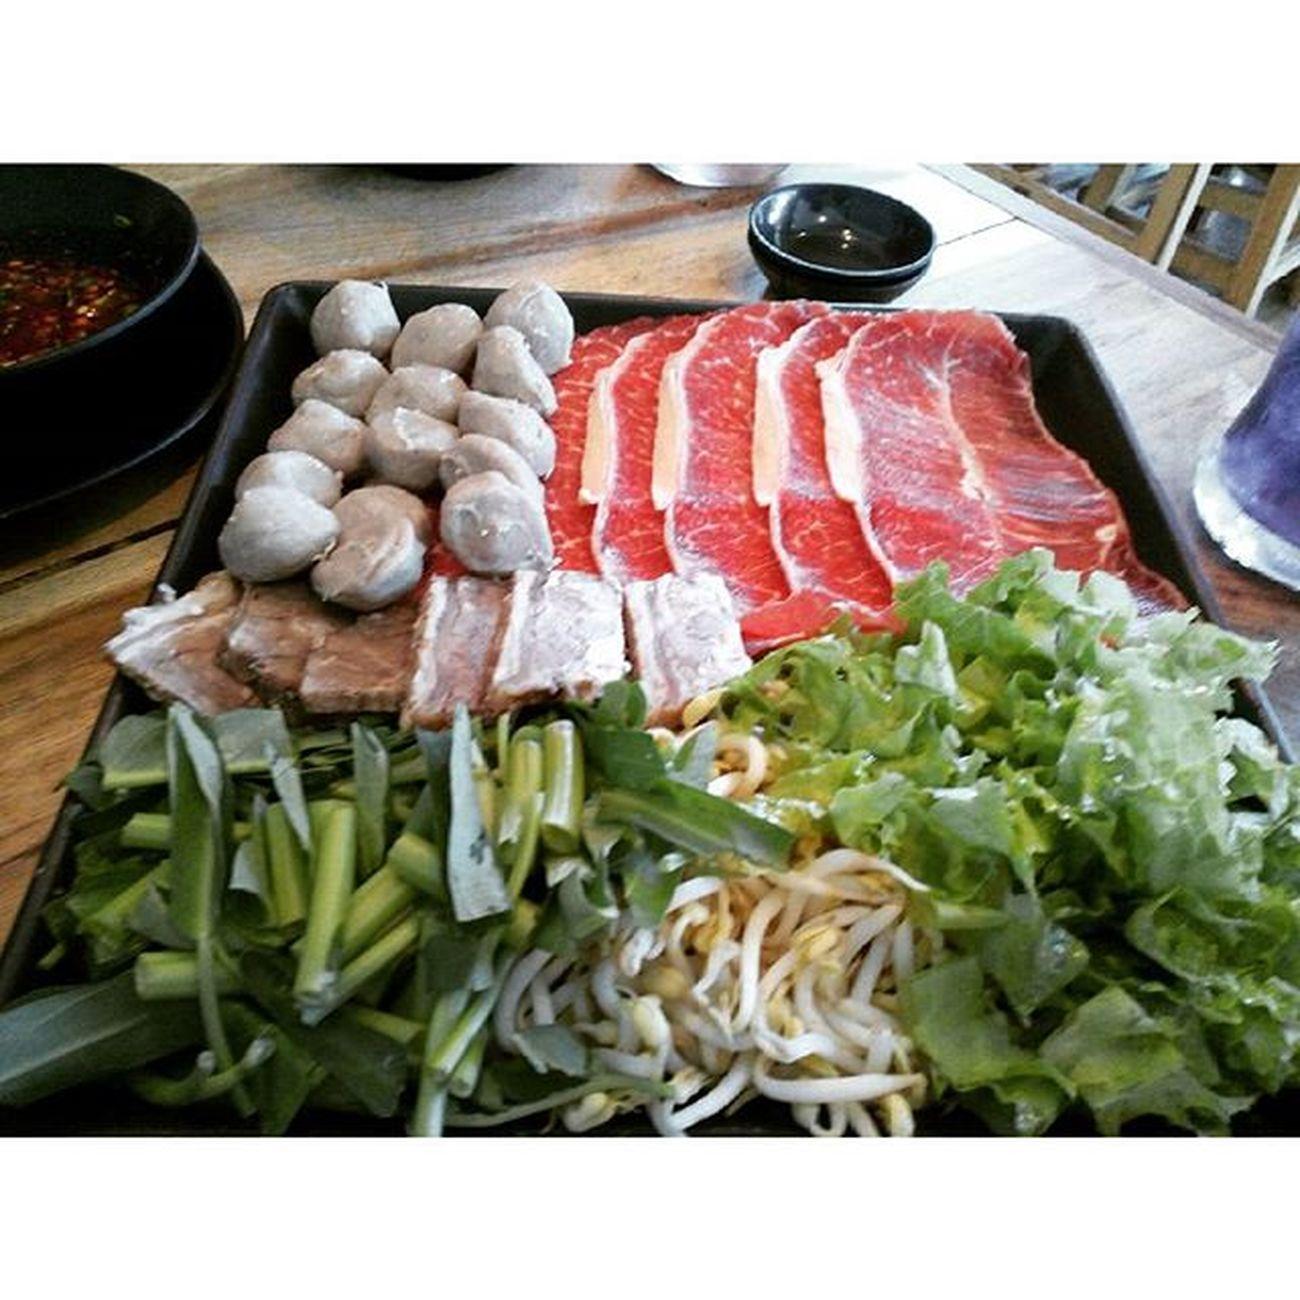 ก๋วยเตี๋ยวหม้อไฟ.... ~~ Reviewkorat Review Food Thailand